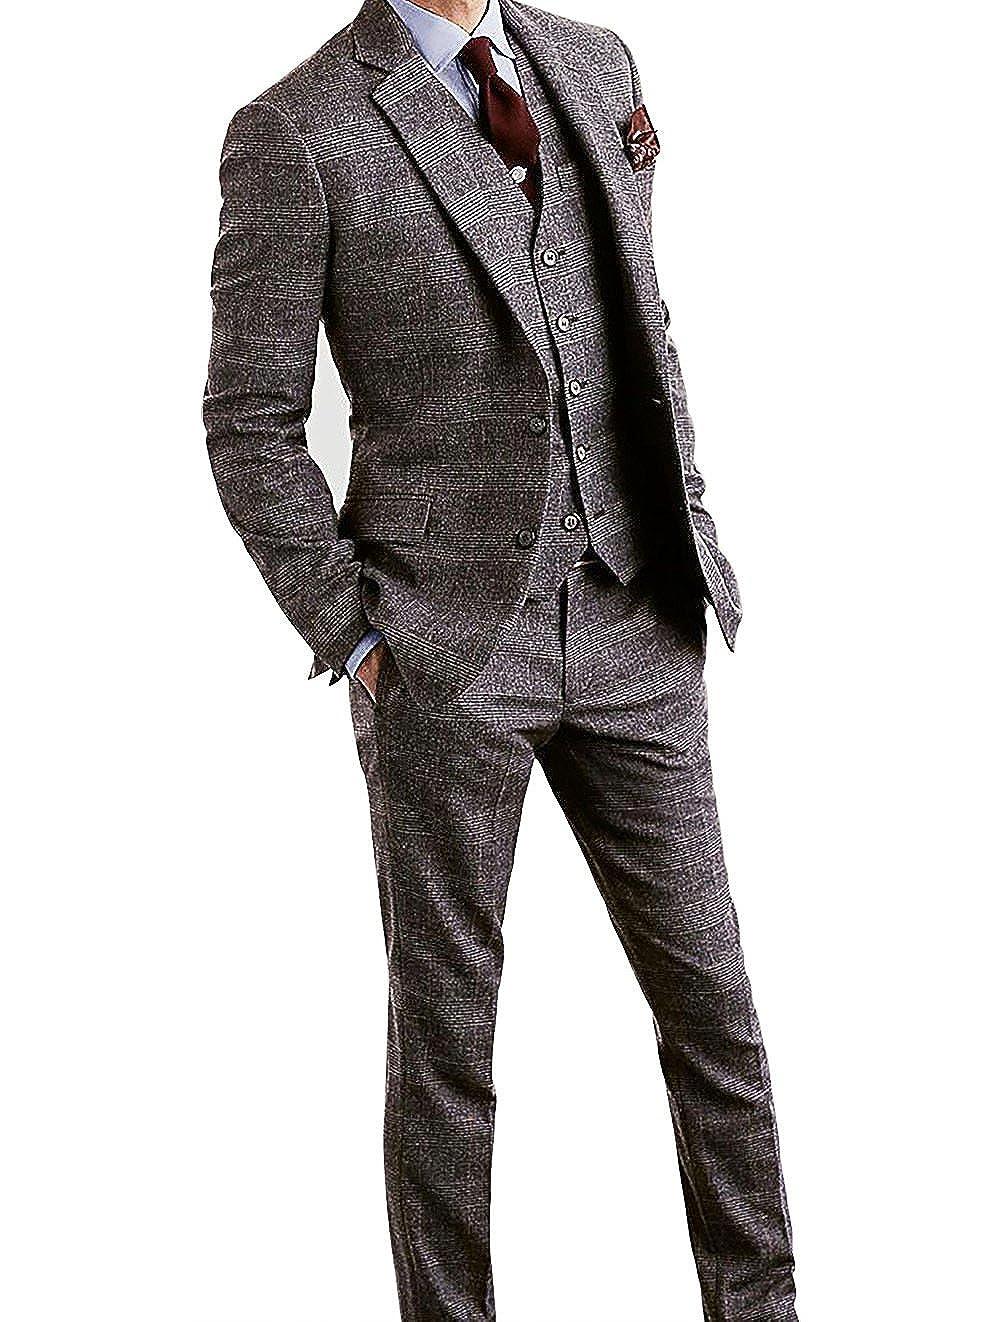 Mens Houndstooth Tweed Wool Blend Grey Grid Plaid Check Tuxedos Groom Slim Fit Formal Vintage 3 Pieces Suit